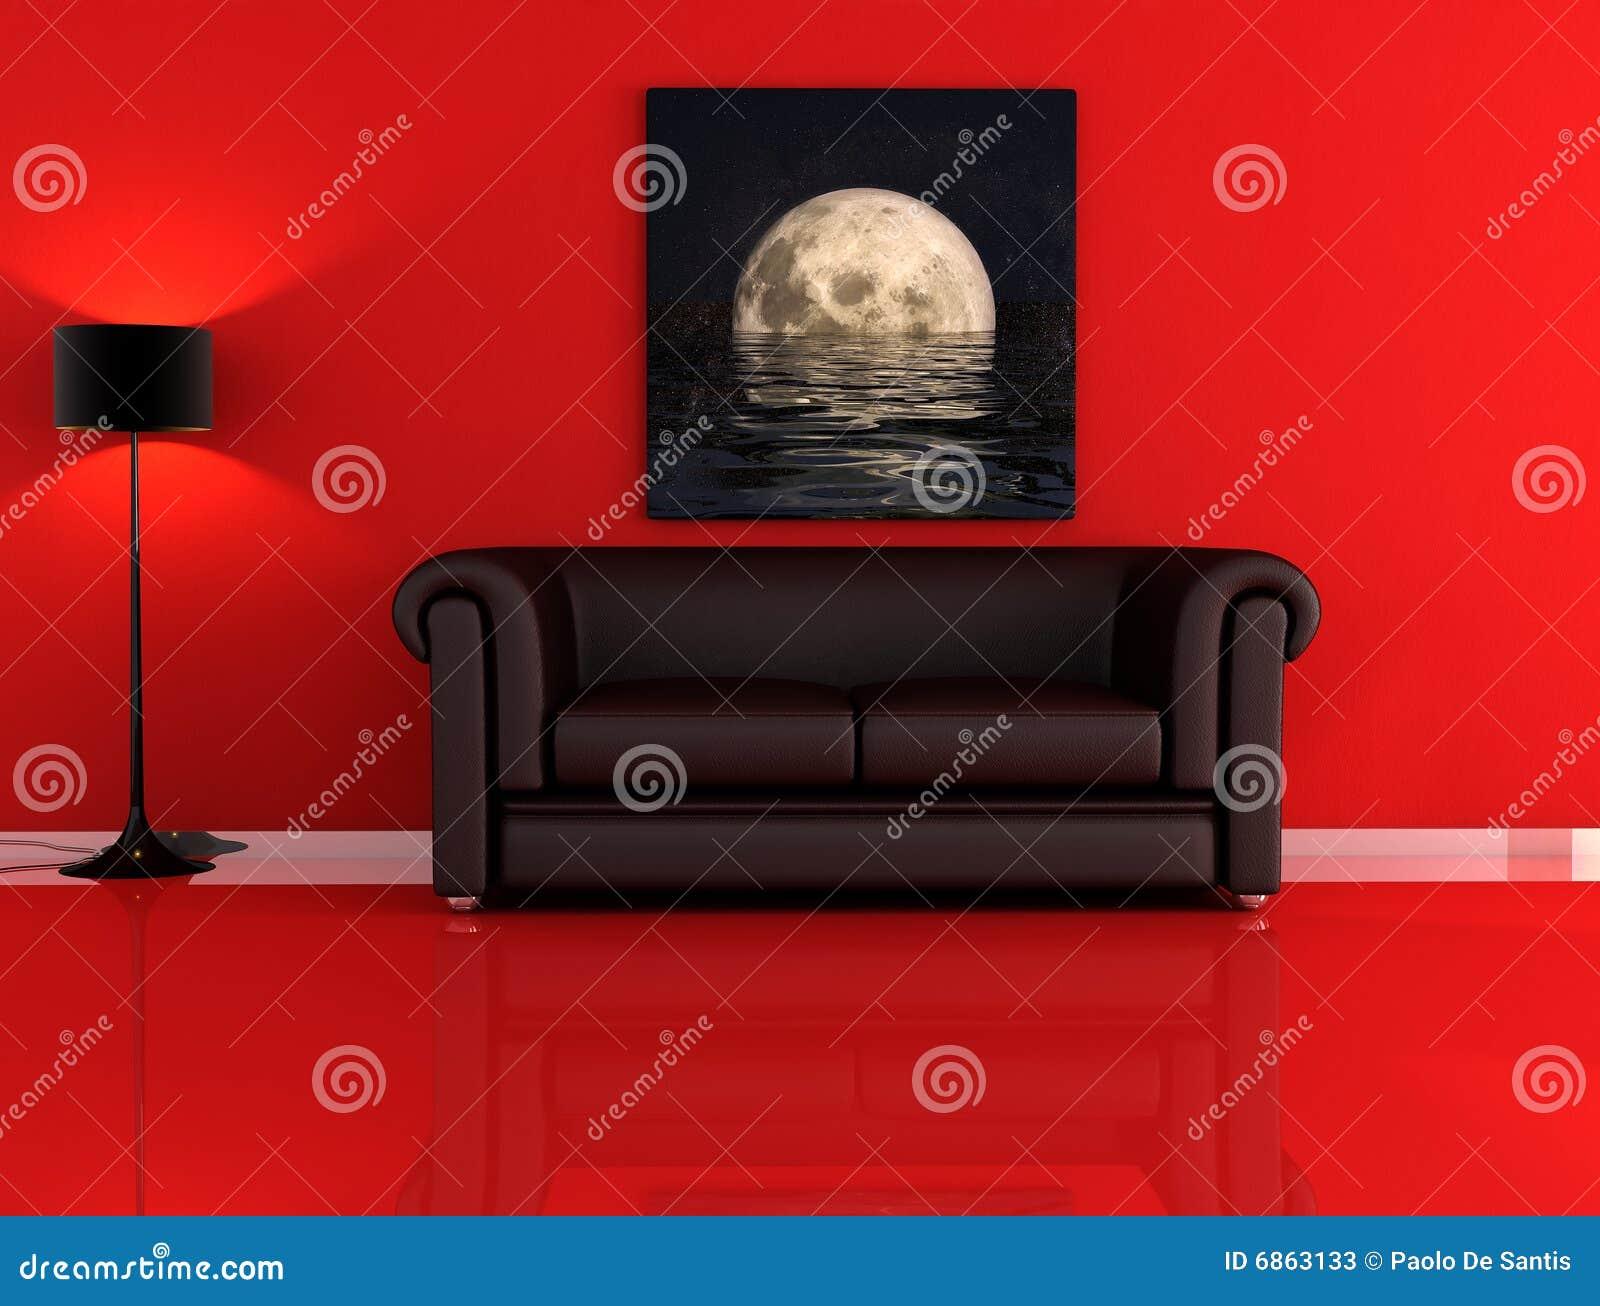 quarto preto : Quarto Vermelho E Preto Fotos de Stock - Imagem: 6863133